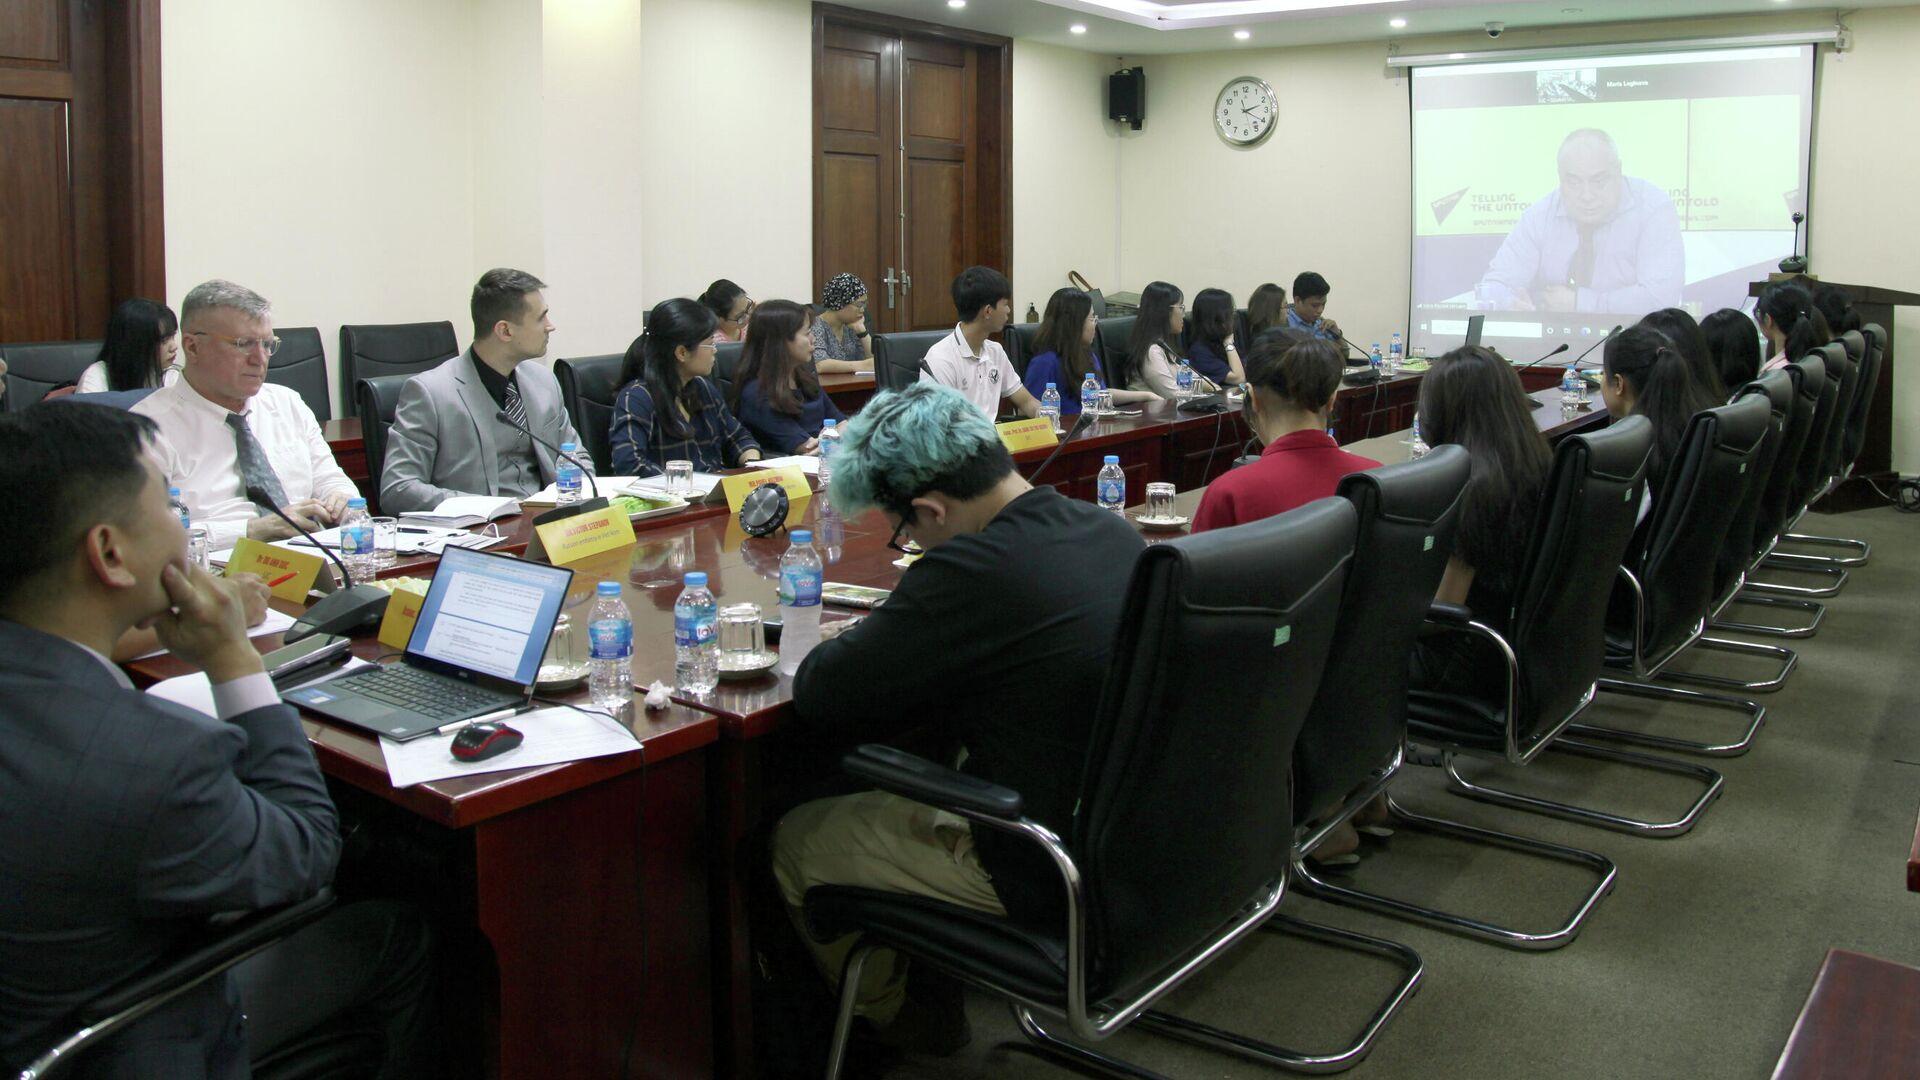 Завершился вебинар SputnikPro для студентов и журналистов Вьетнама